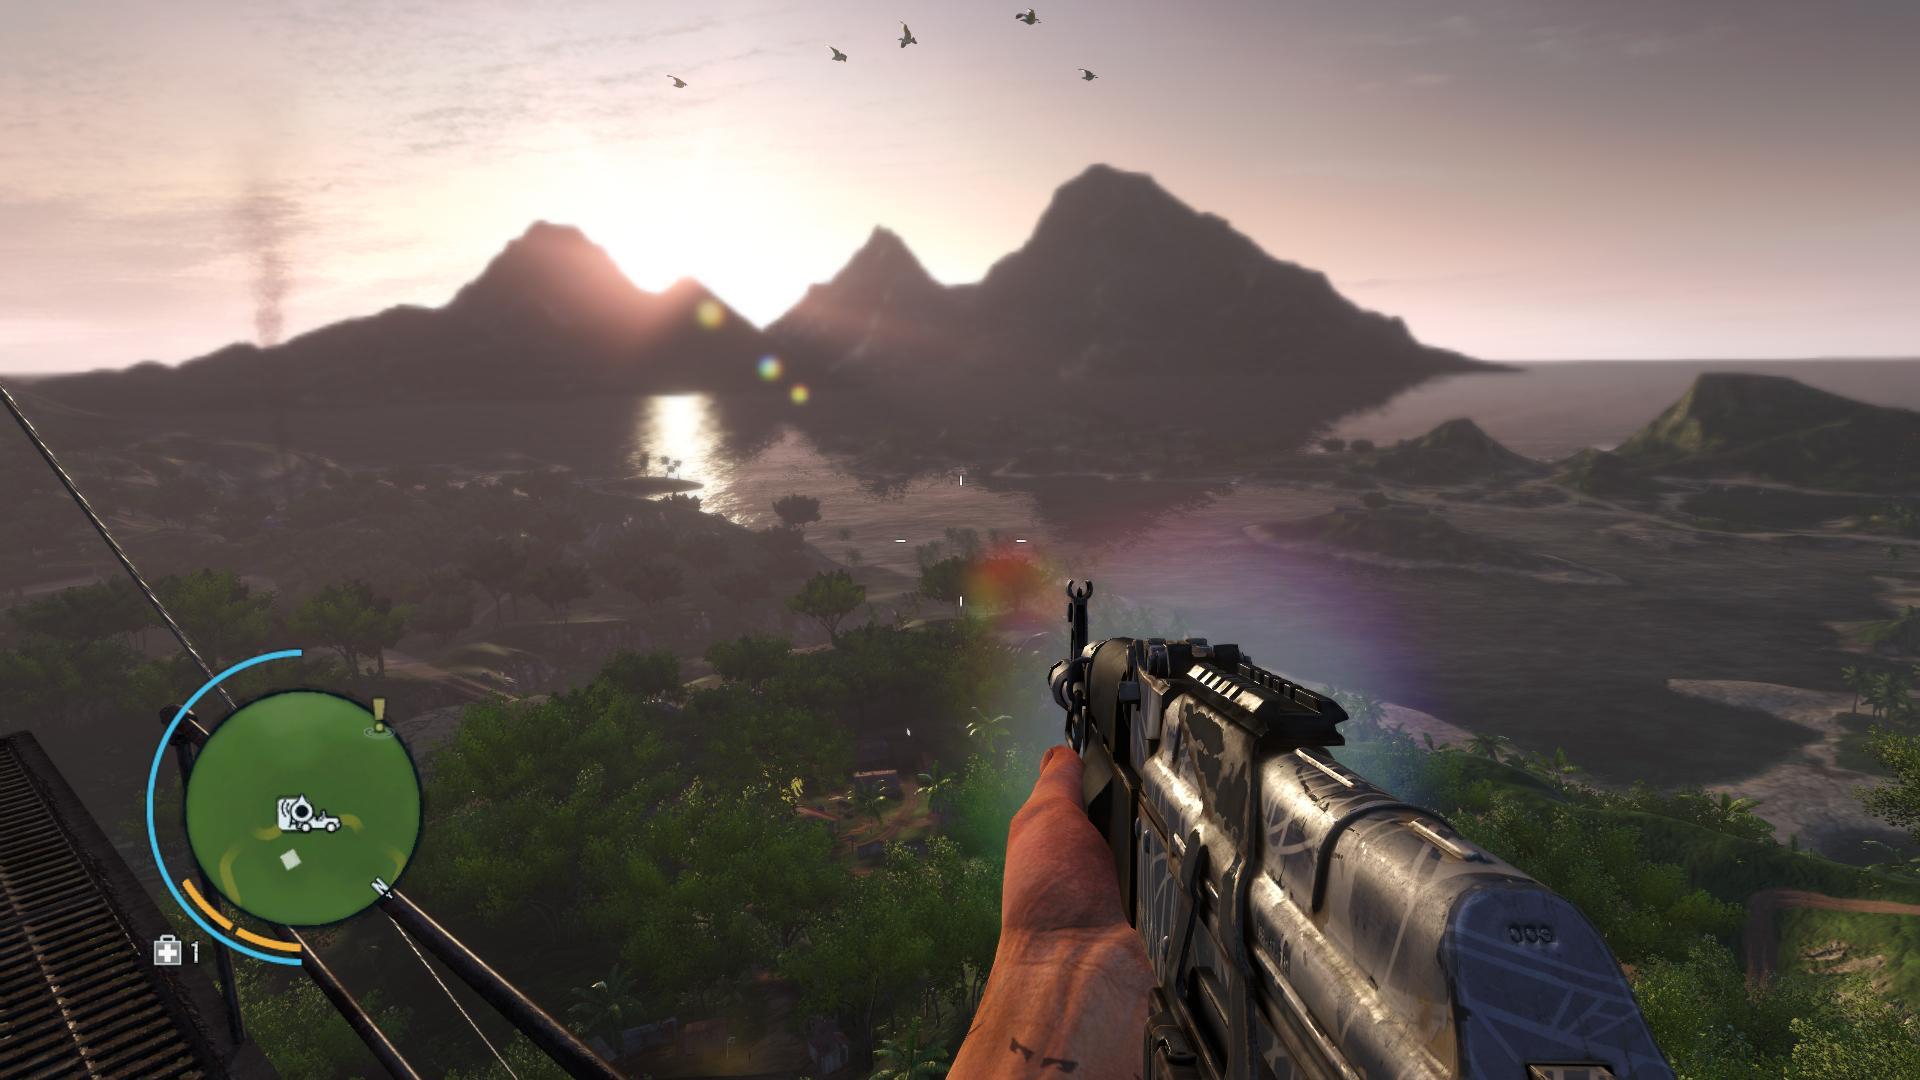 farcry3 d3d11 2012 12 04 17 49 38 47 - Recensione - Far Cry 3